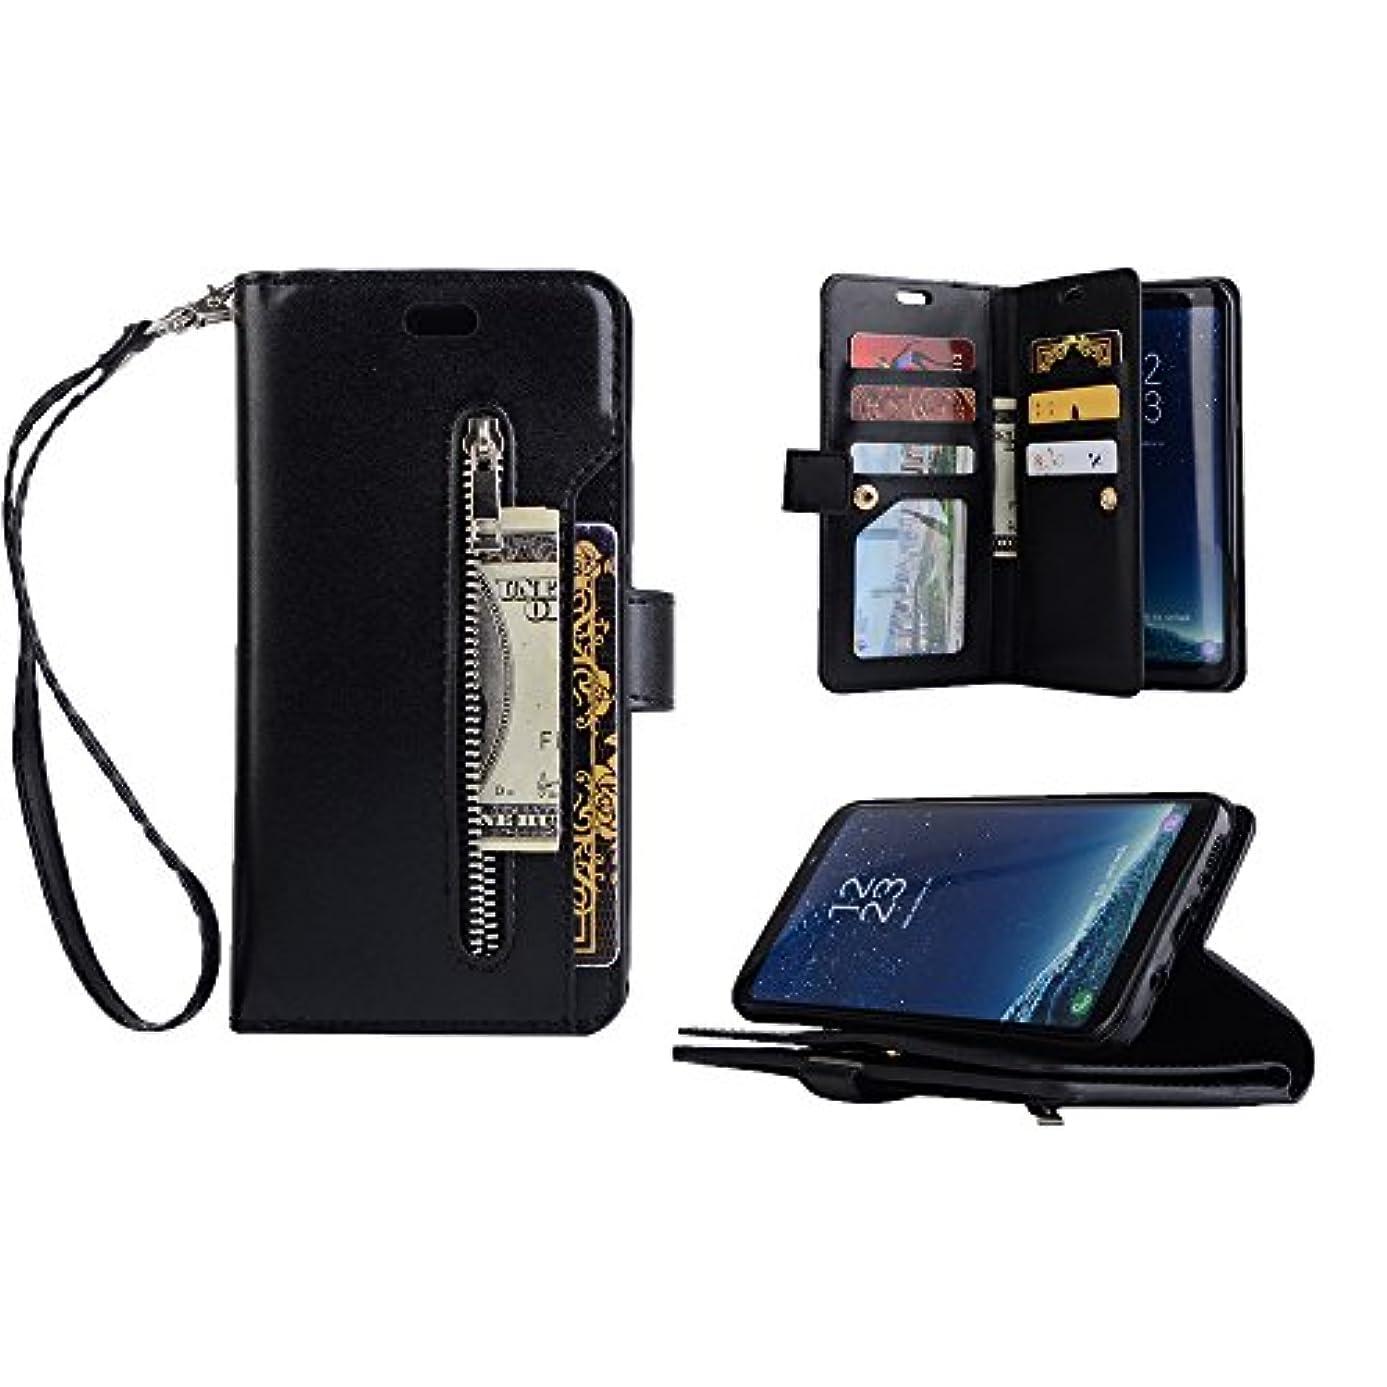 事務所センチメンタル発見Galaxy S8 Plus おしゃれカバー PUレザー カード収納 スタンド機能 ストラップ付き 手帳型ケース ギャラクシー S8 Plus対応 ブラックメンズ かっこいい ビジネス